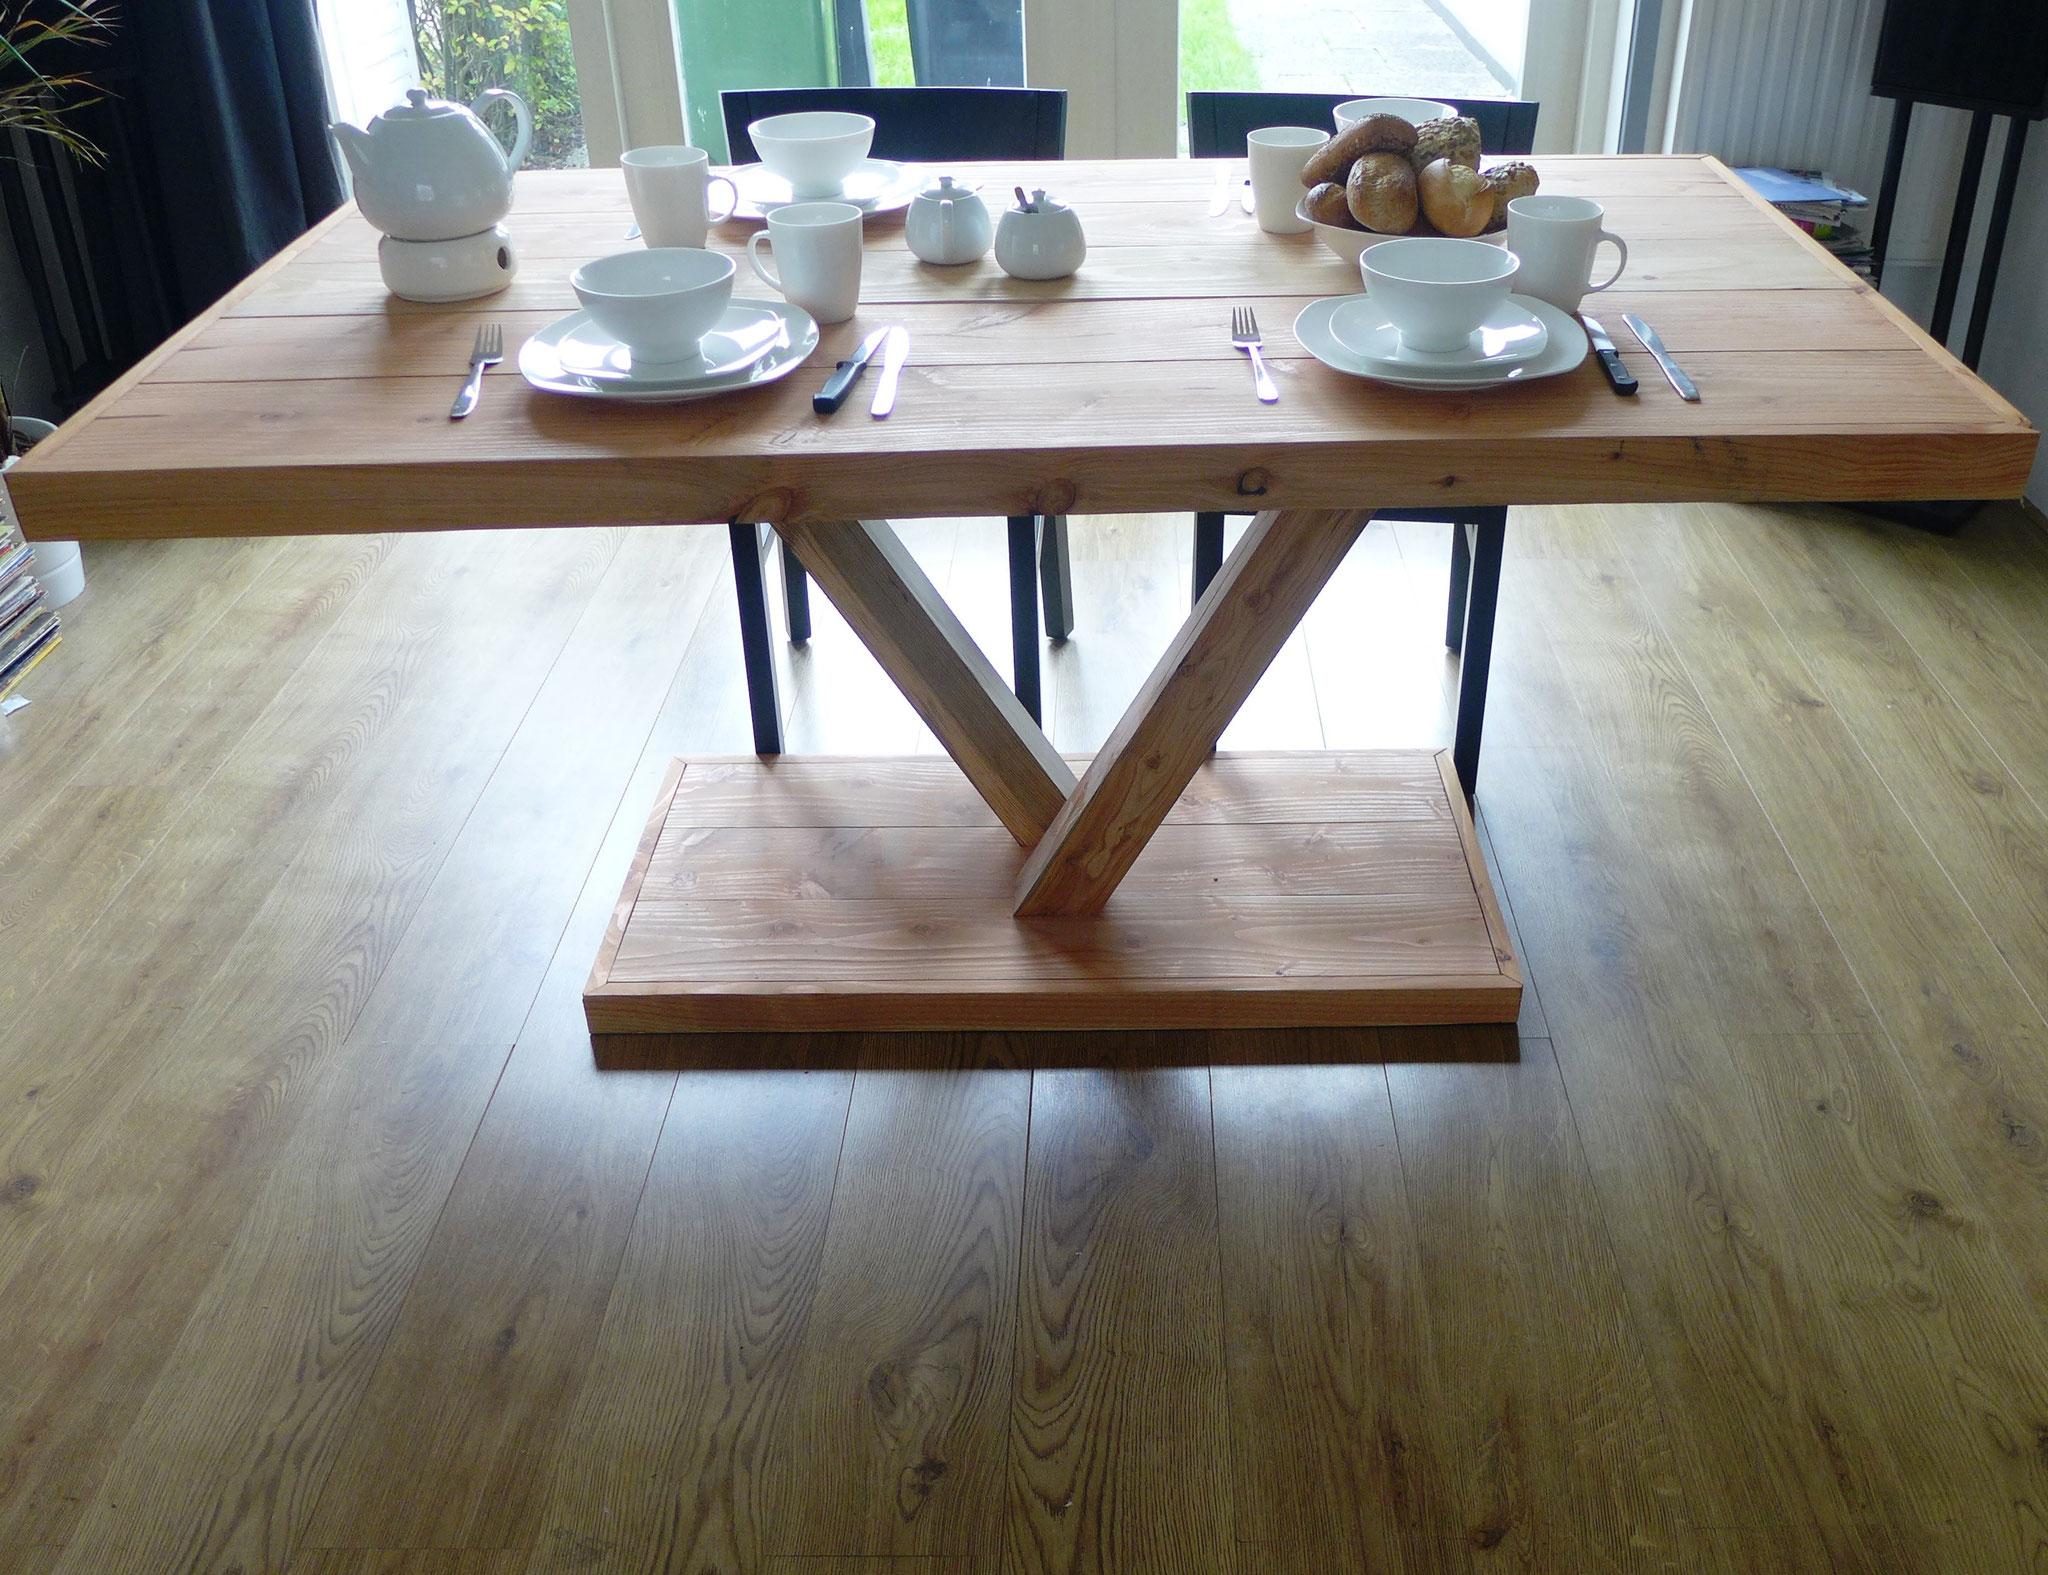 Mooie Steigerhouten Eettafel.Eettafels Worlds Of Wood De Mooiste Steigerhouten Meubels